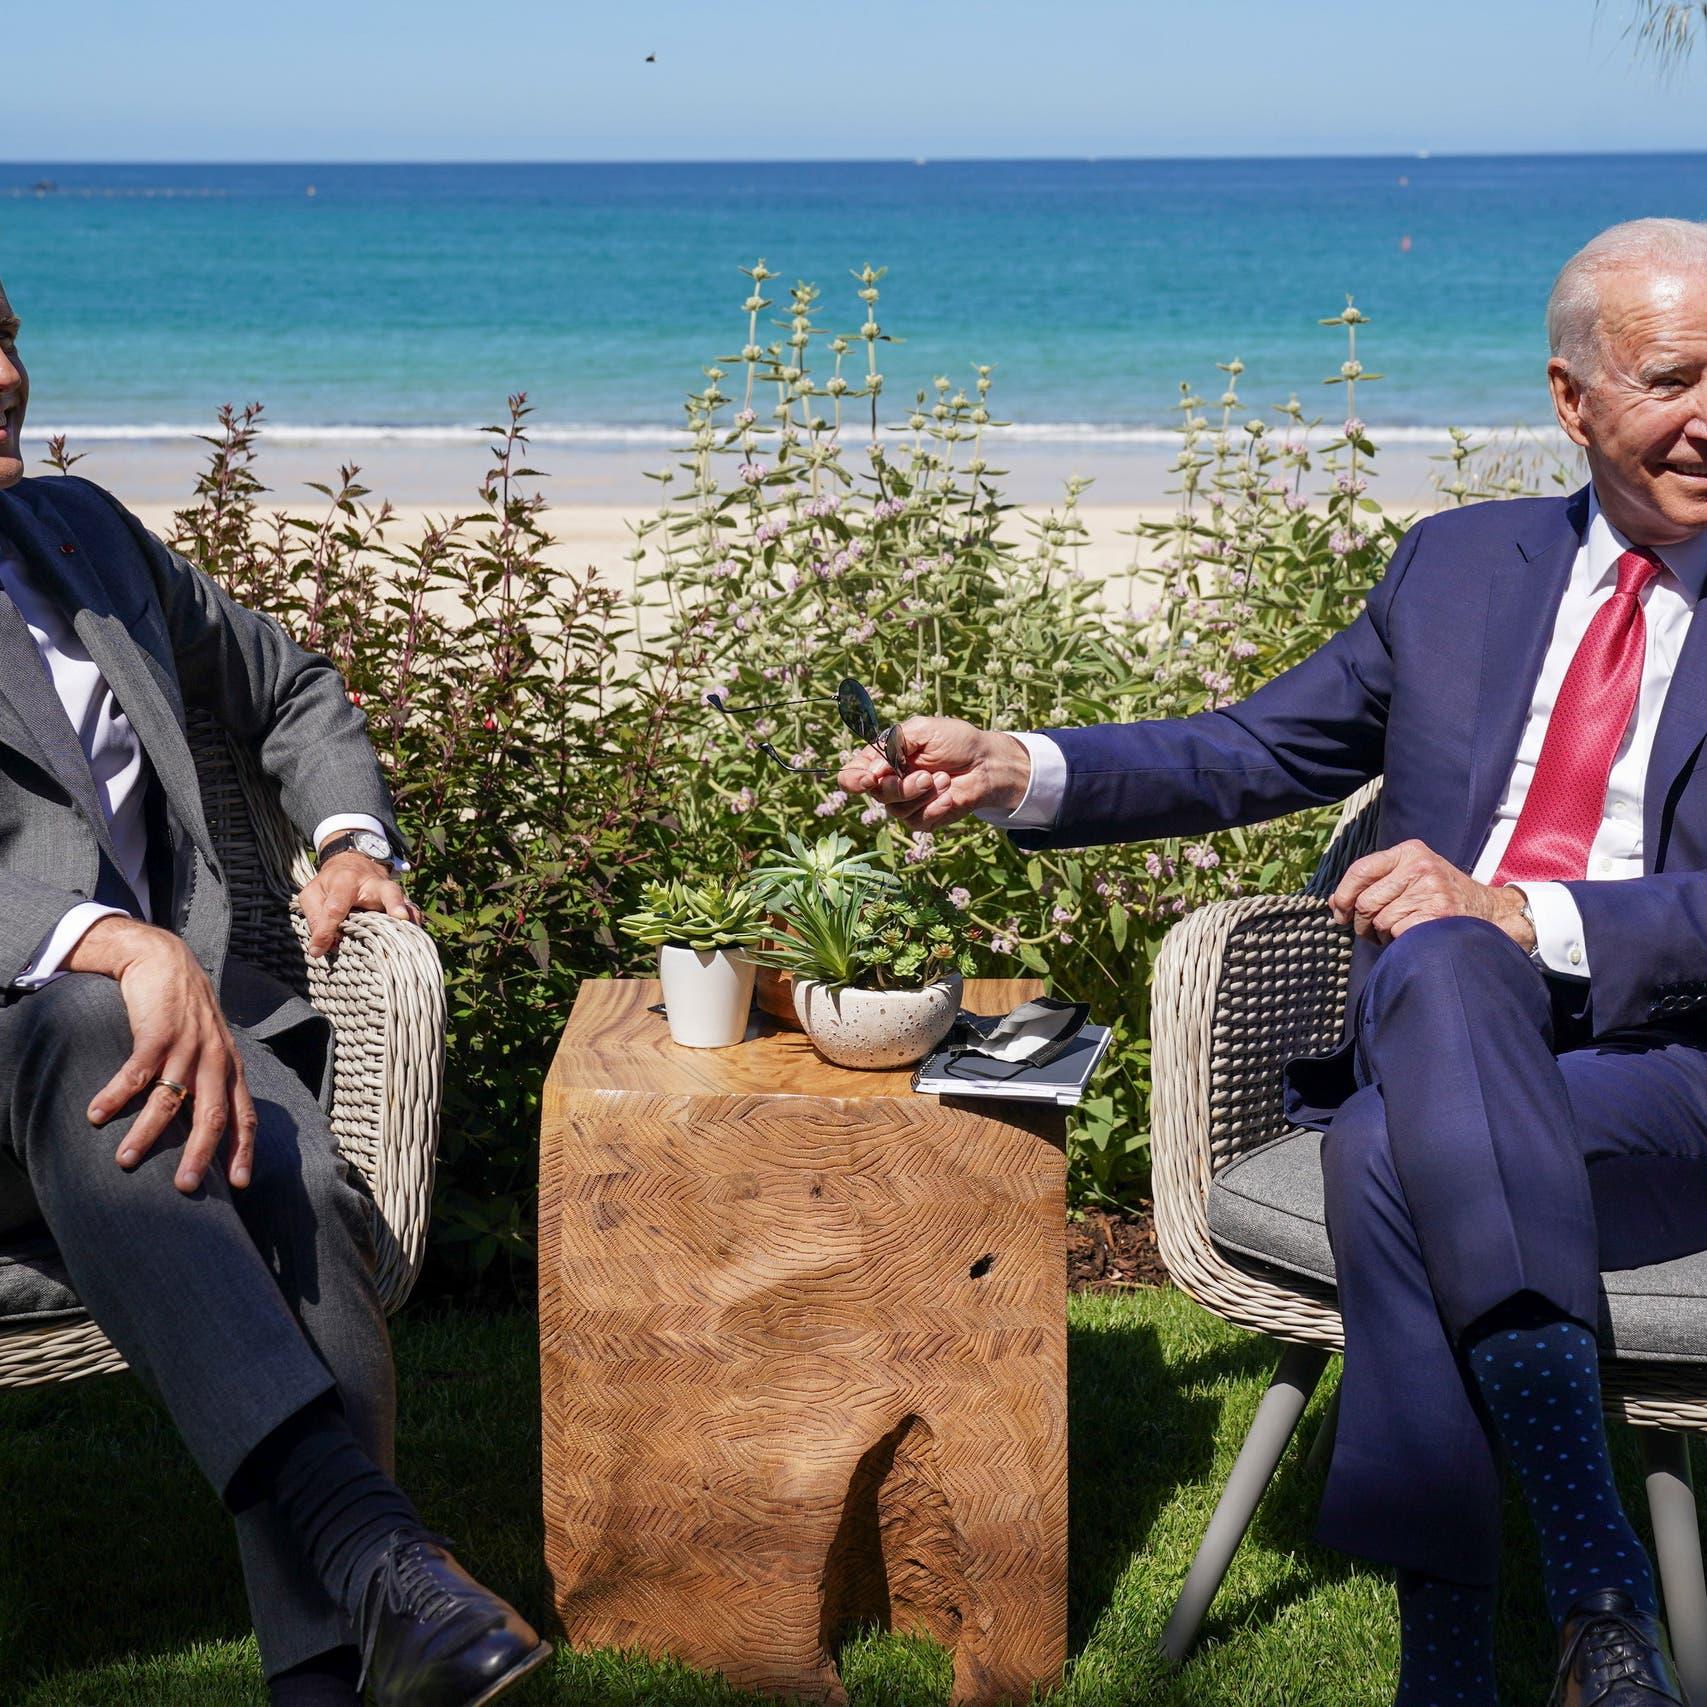 خطة فرنسية لإخراج المرتزقة من ليبيا في 6 أشهر